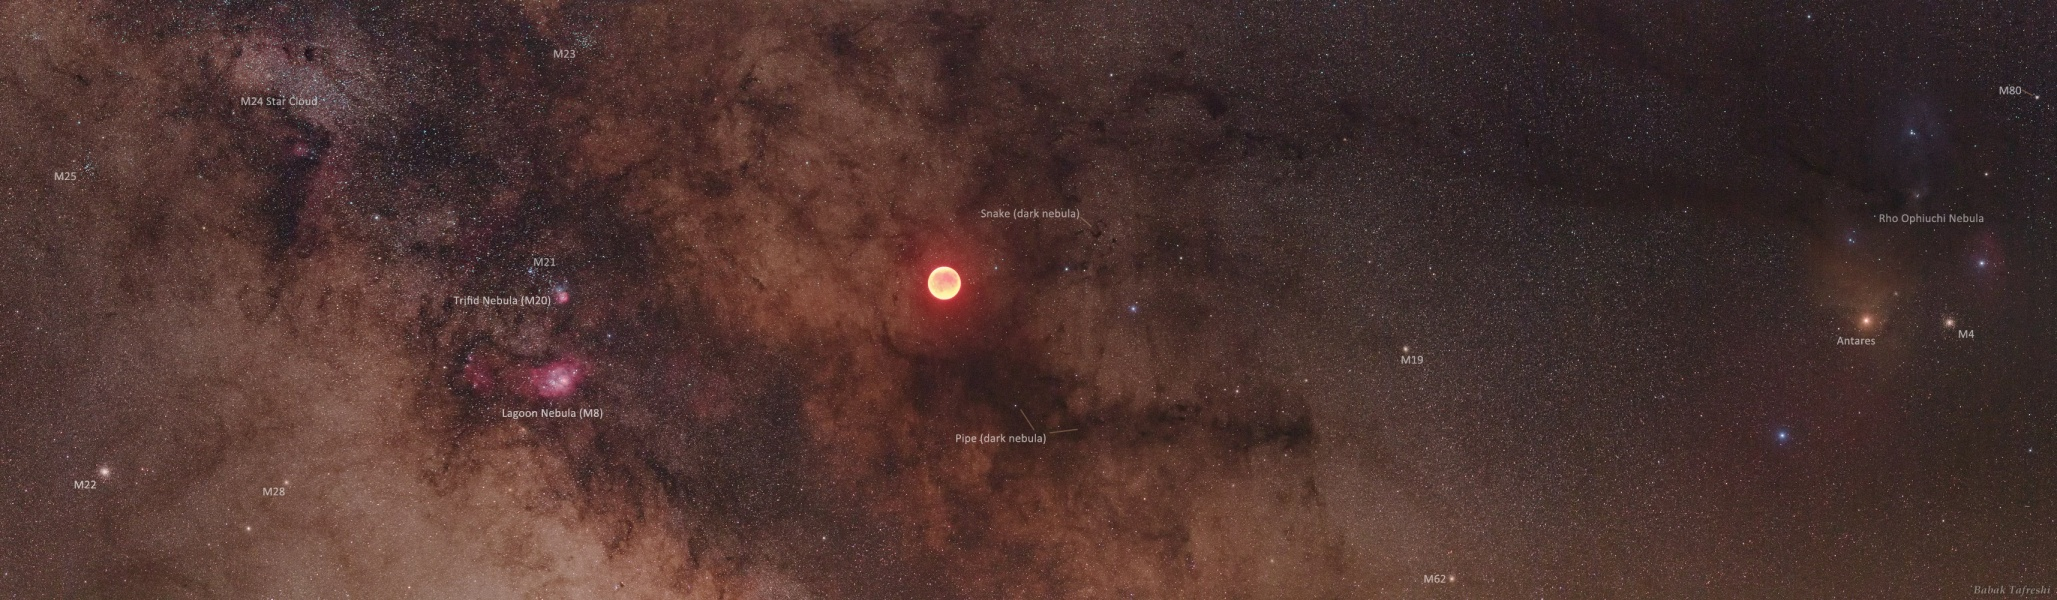 闭月挥袖走银河(2011年6月17日)- 每日天文一图摘译 - 秋天的麦兜 - 蜗牛壳